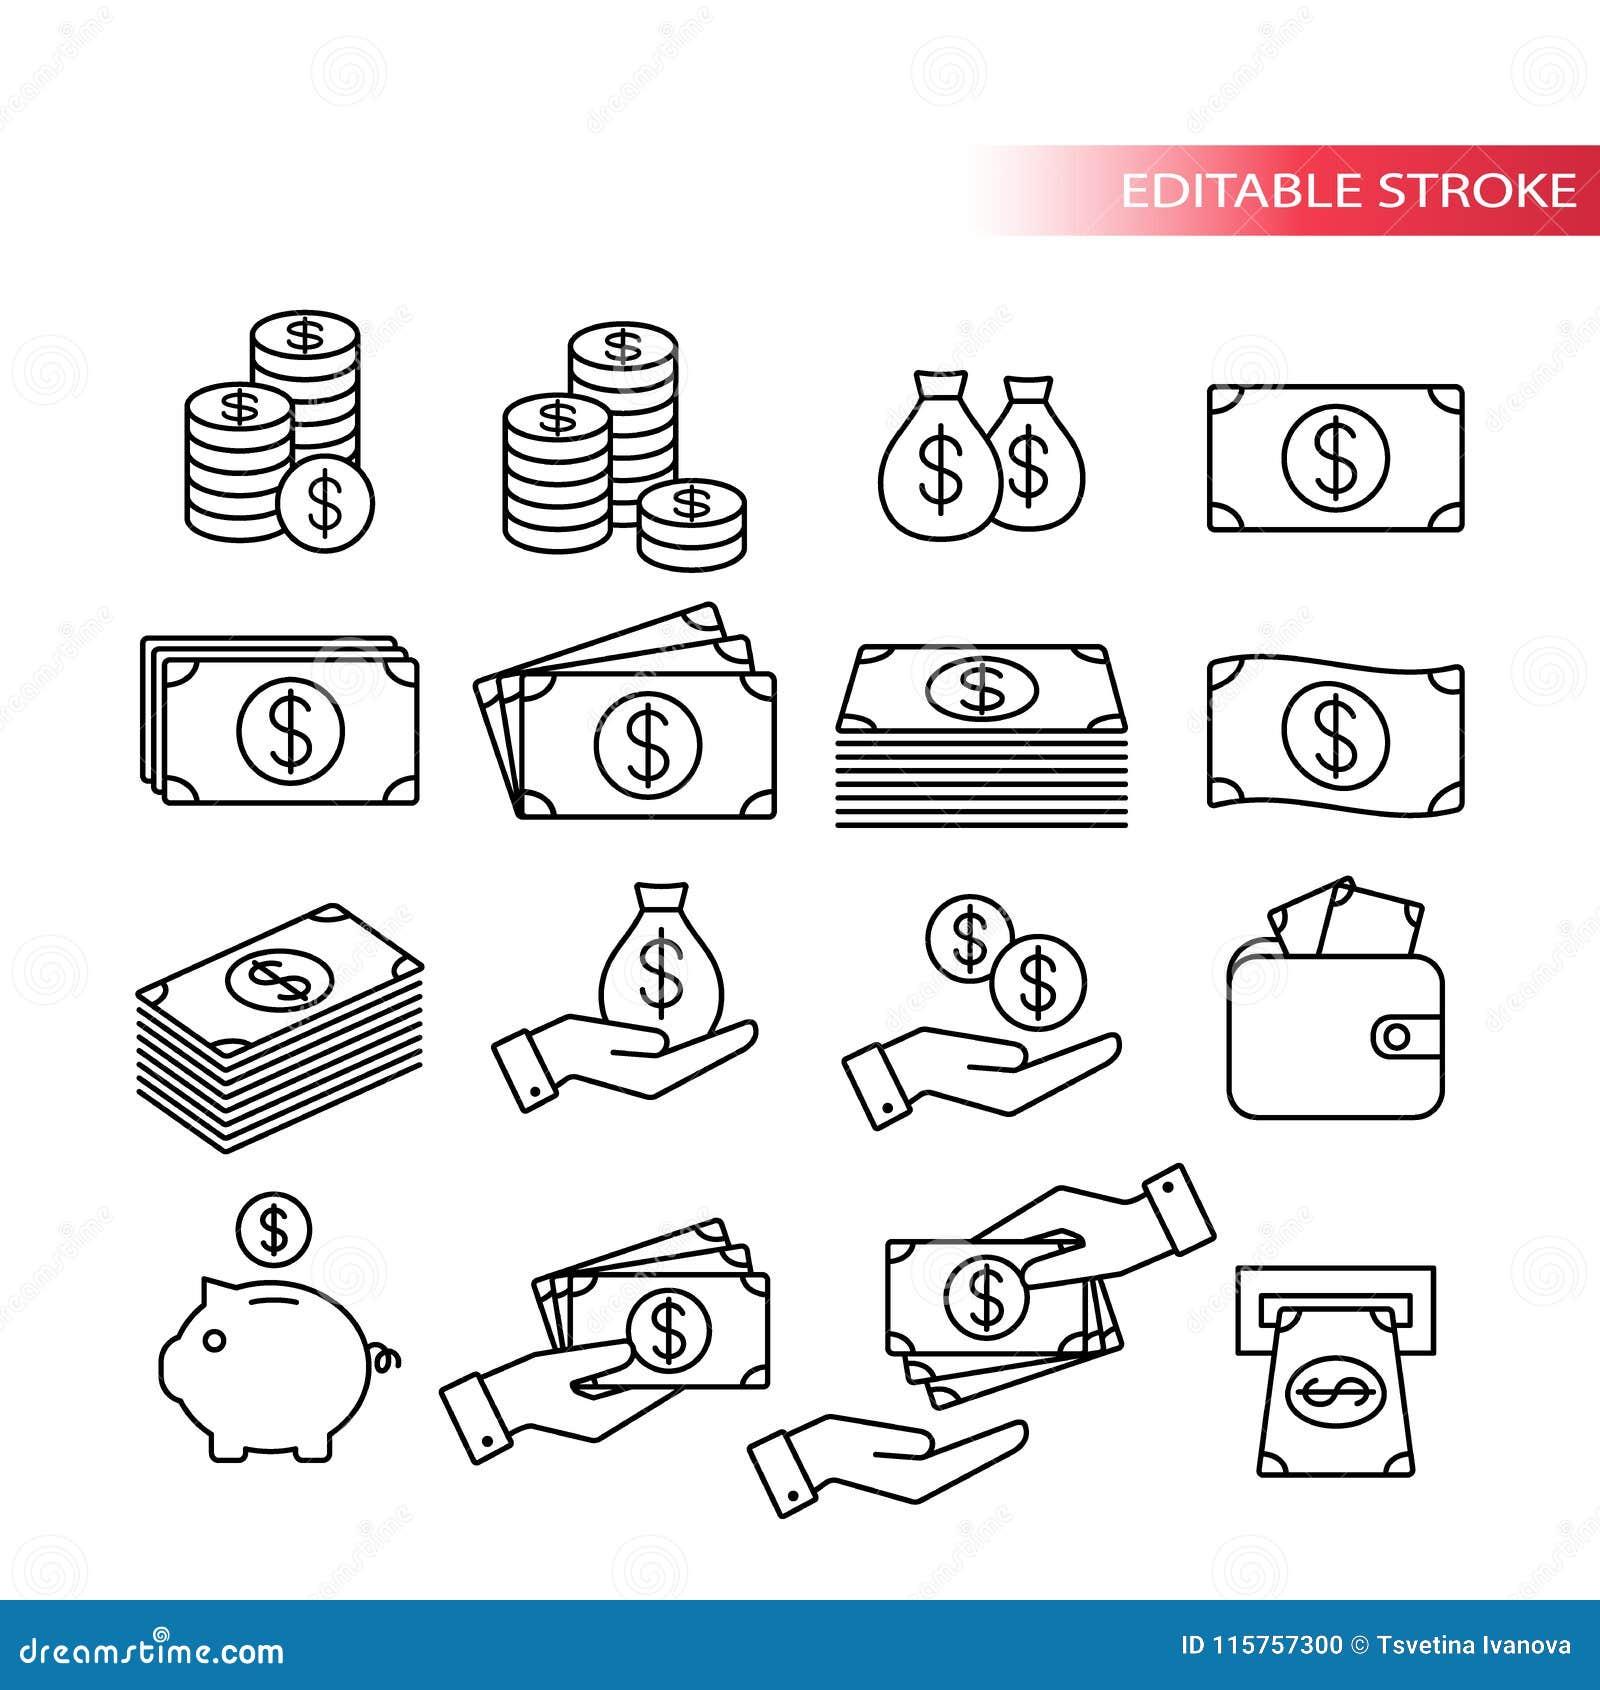 Cienieje linię, w pełni editable ikona set Pieniądze ikony Pieniądze sterta, mennicza sterta, prosiątko bank, portfel z pieniądze